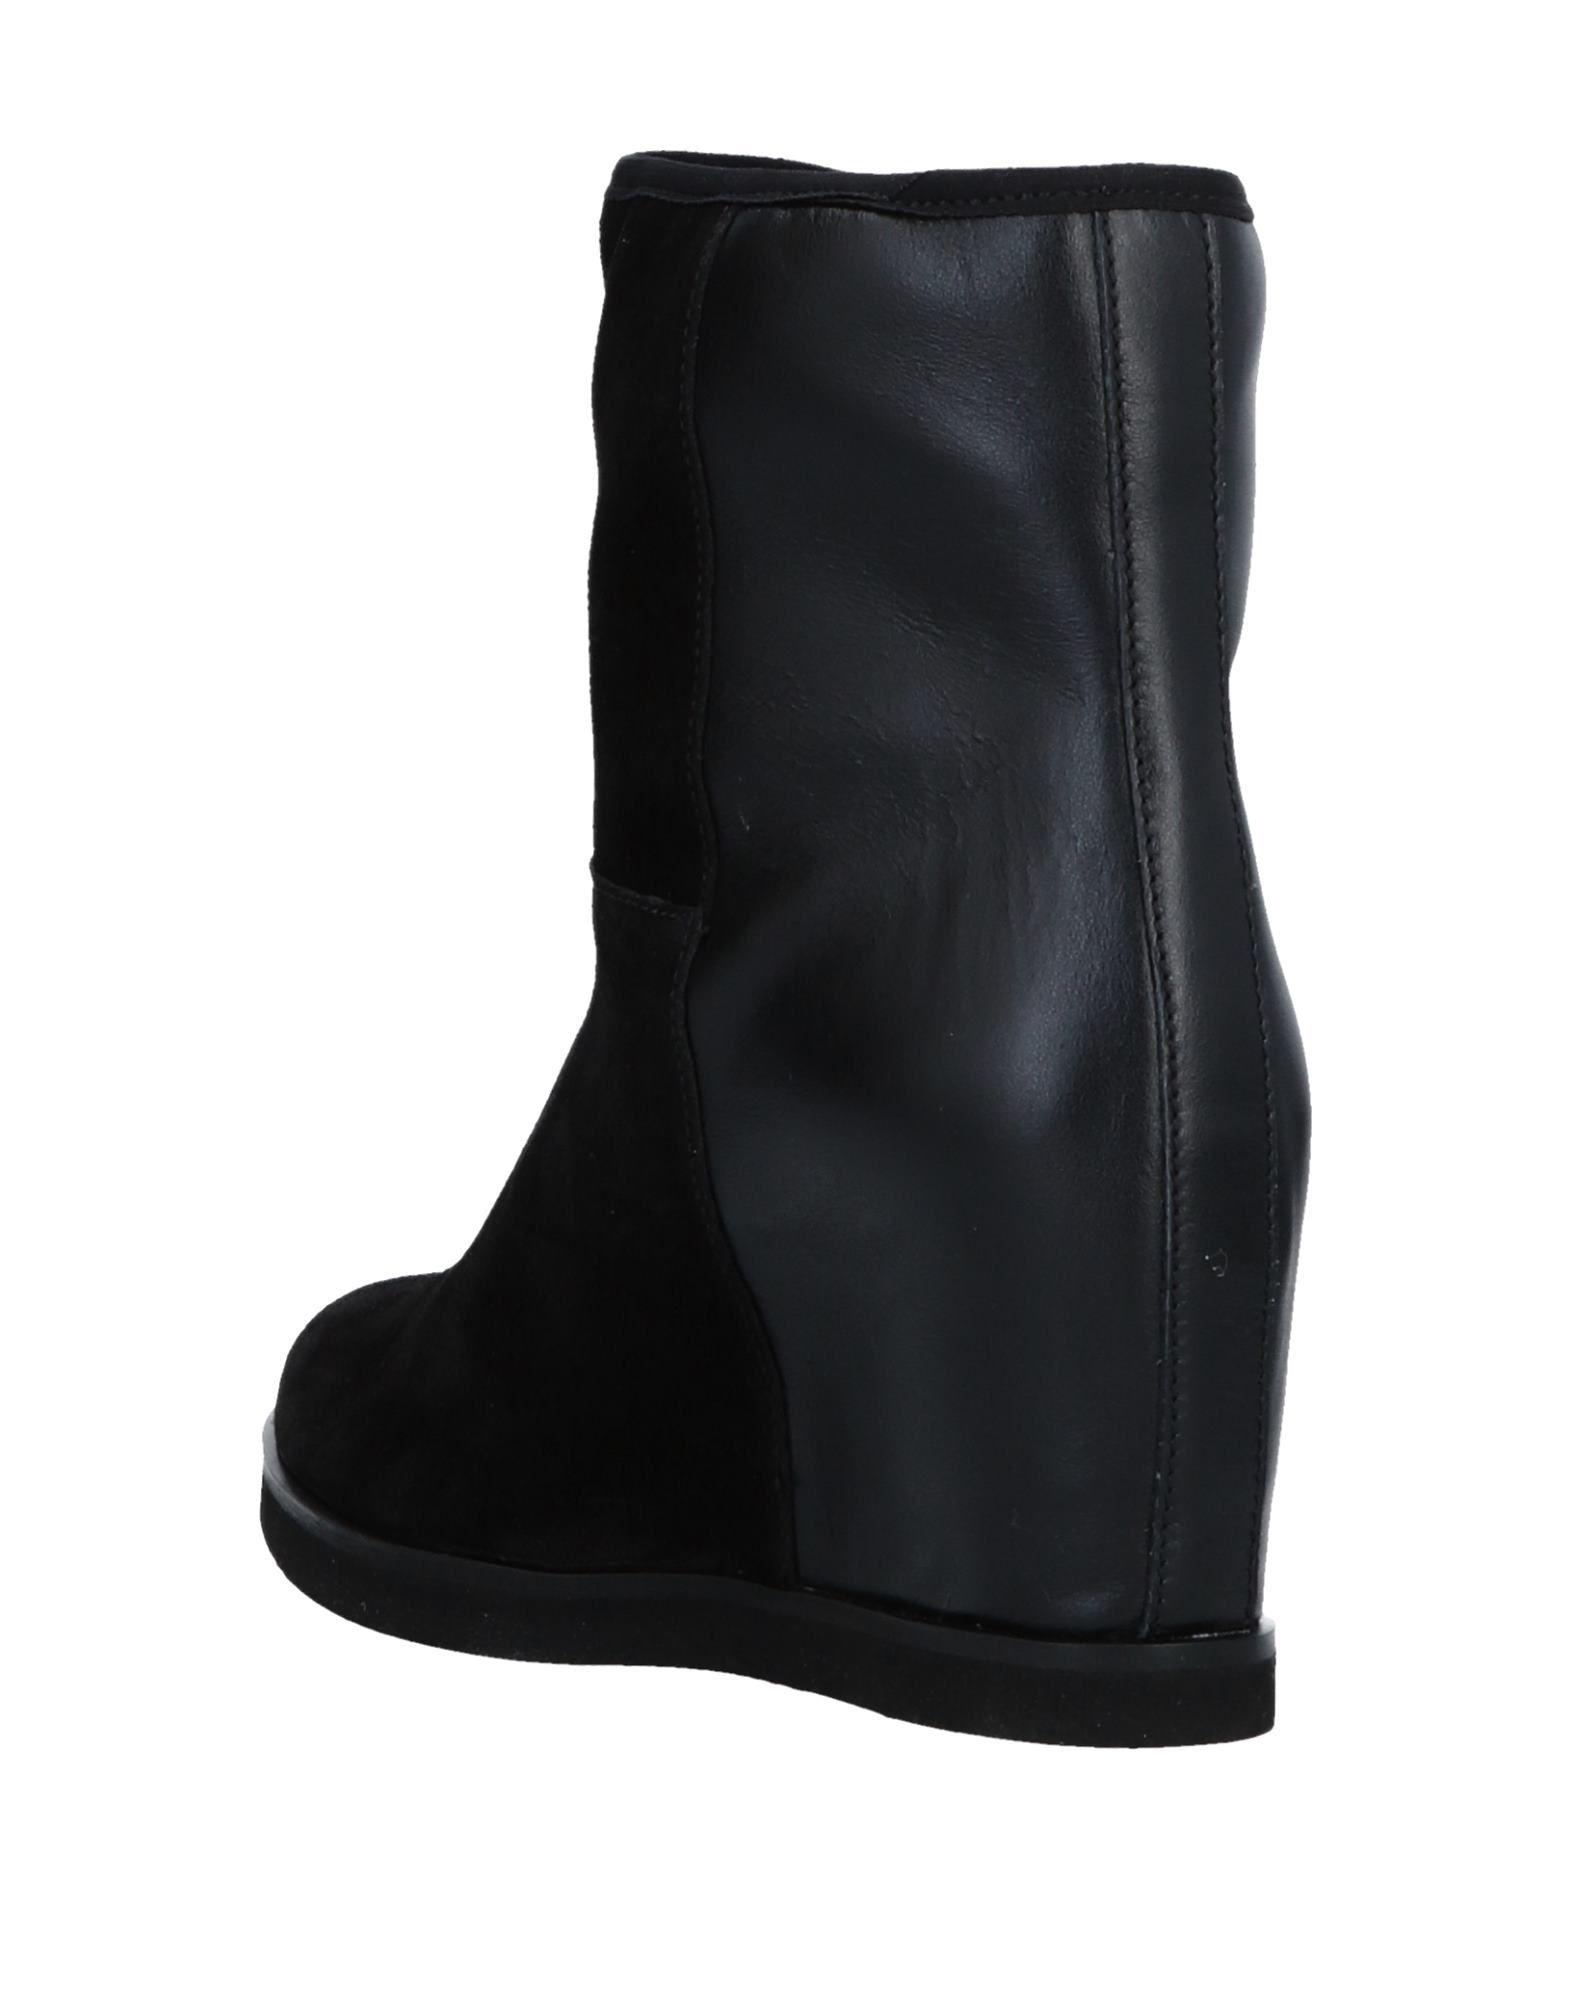 Frau Stiefelette Damen 11539181JT Gute Gute 11539181JT Qualität beliebte Schuhe d7f210